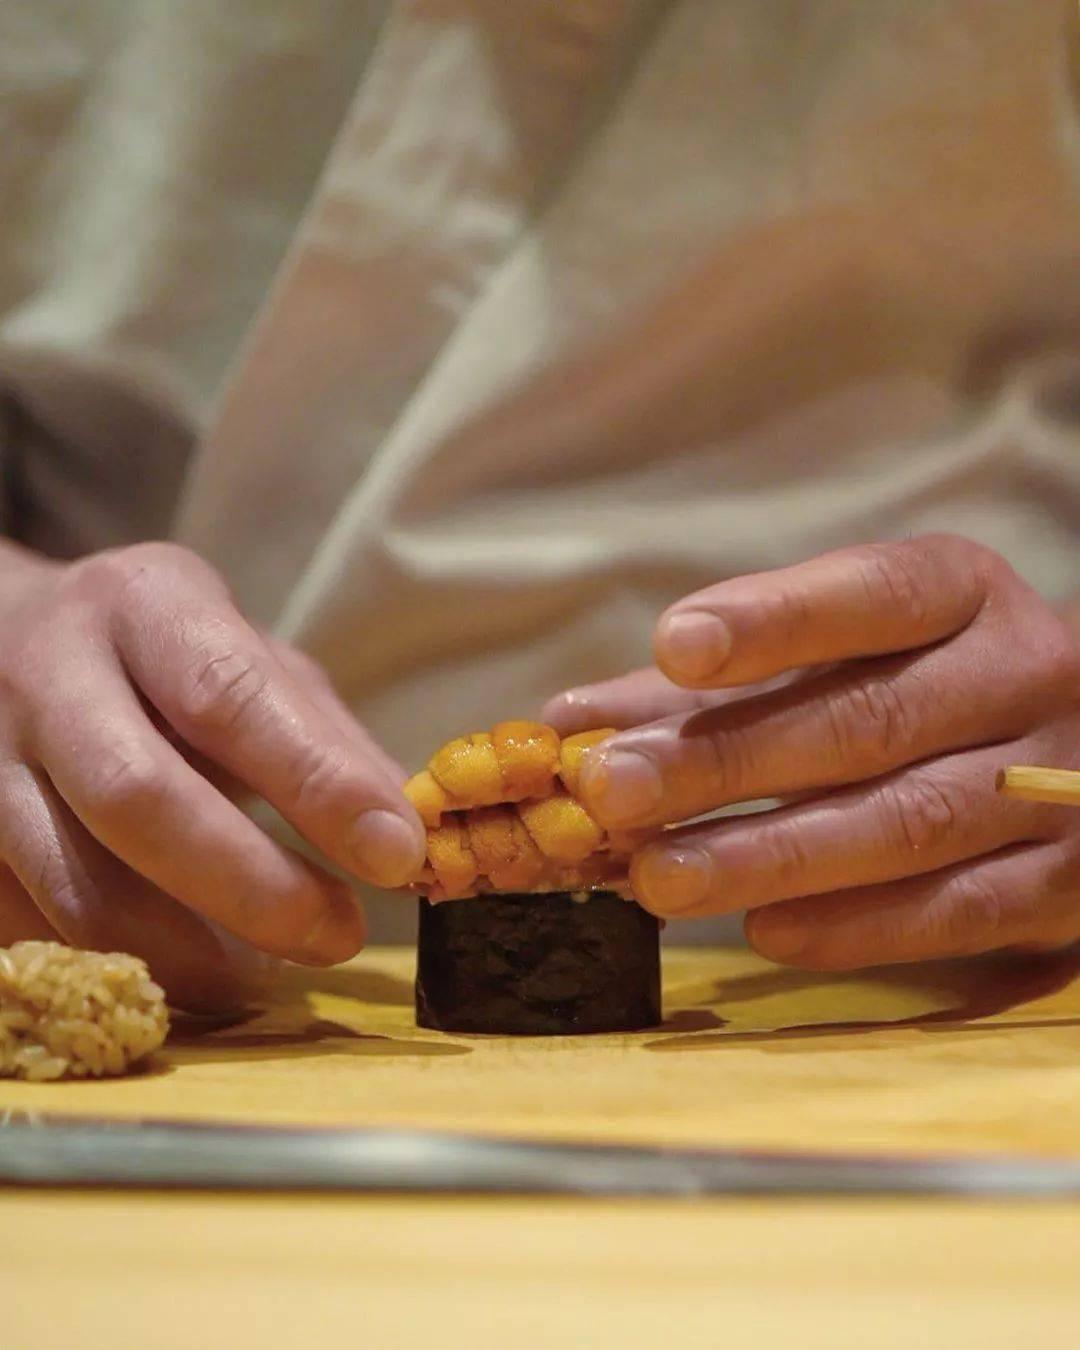 随季节而食,品味寿司的最大乐趣